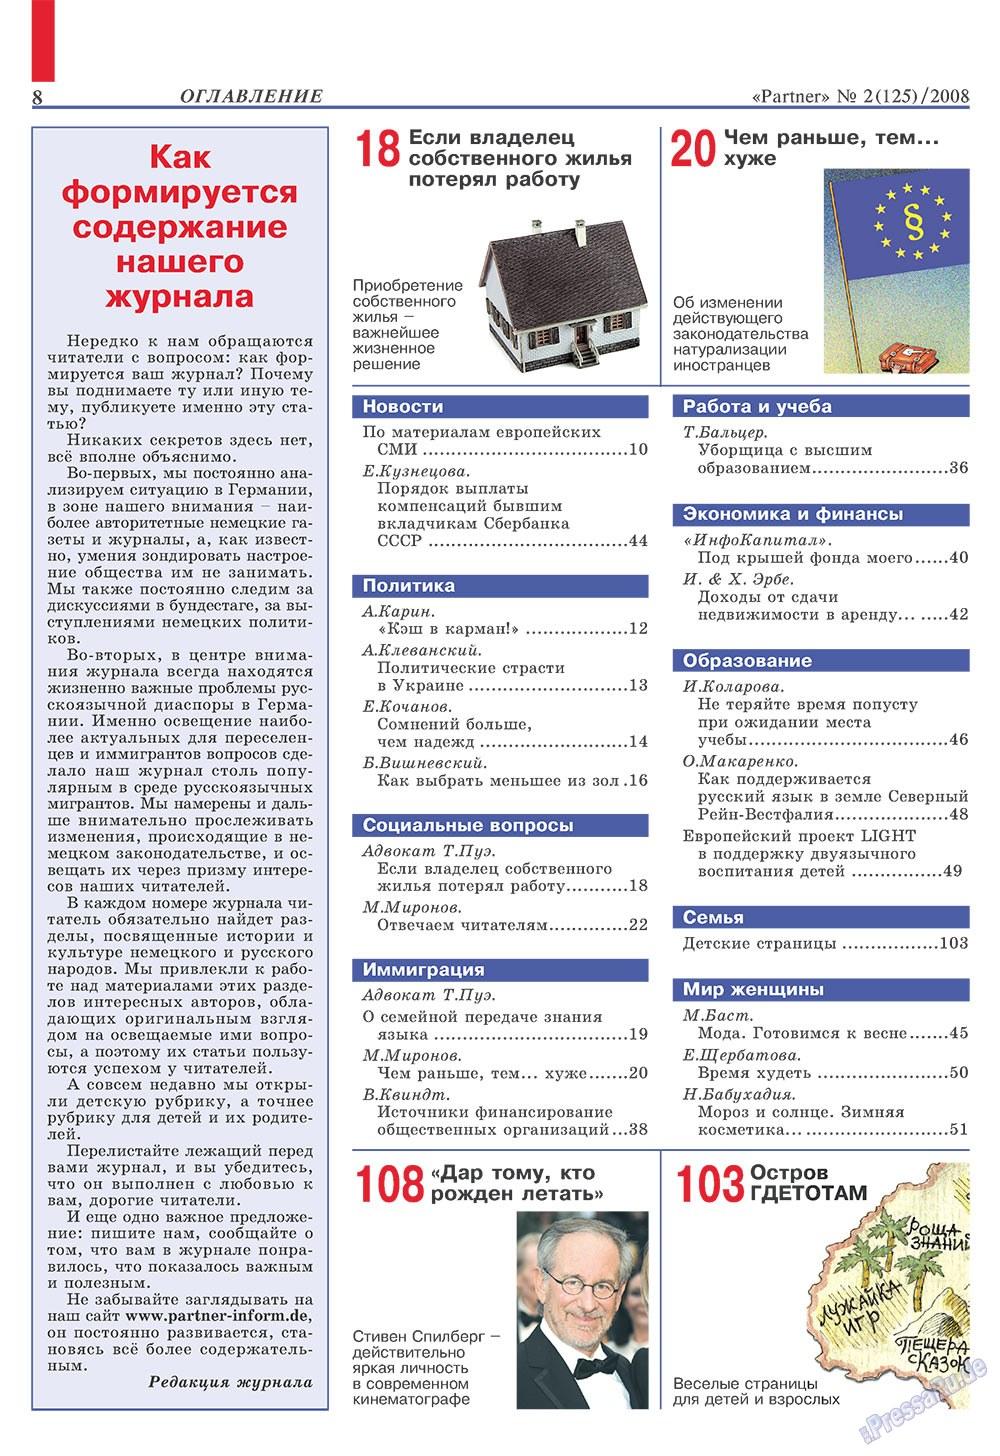 Партнер (журнал). 2008 год, номер 2, стр. 8